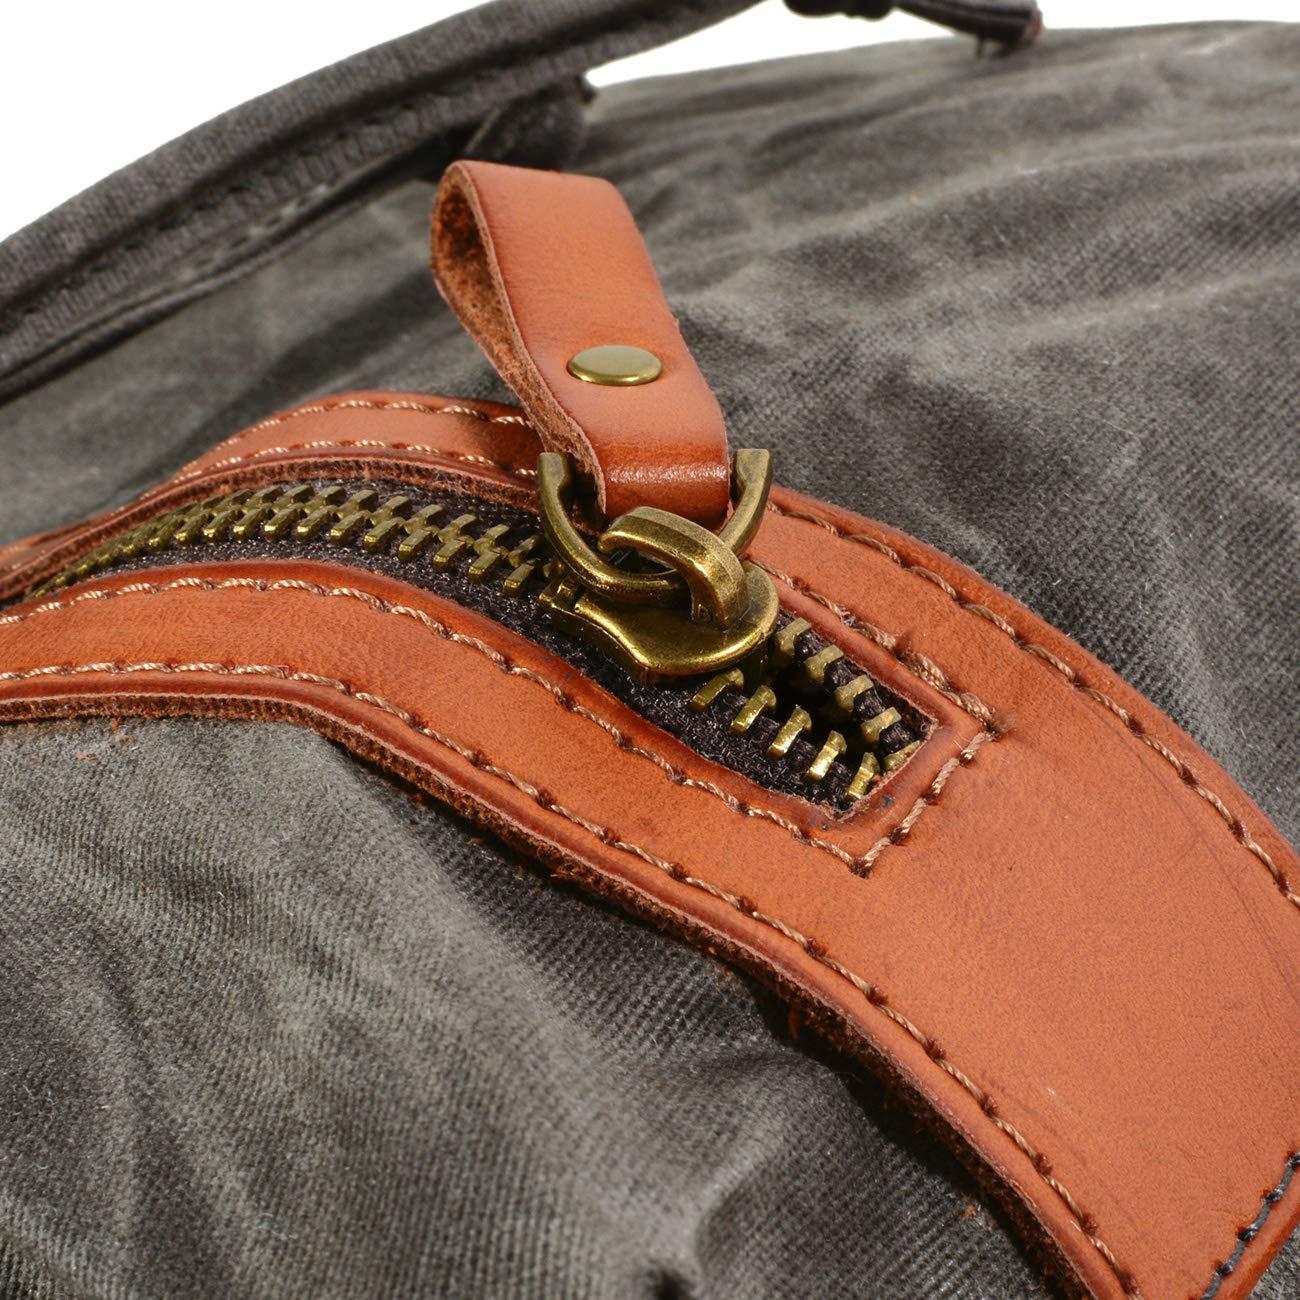 Genuine Leather-Waxed Canvas Vintage Shoulder Rucksack WUDON 1039KW Travel Backpack for Men